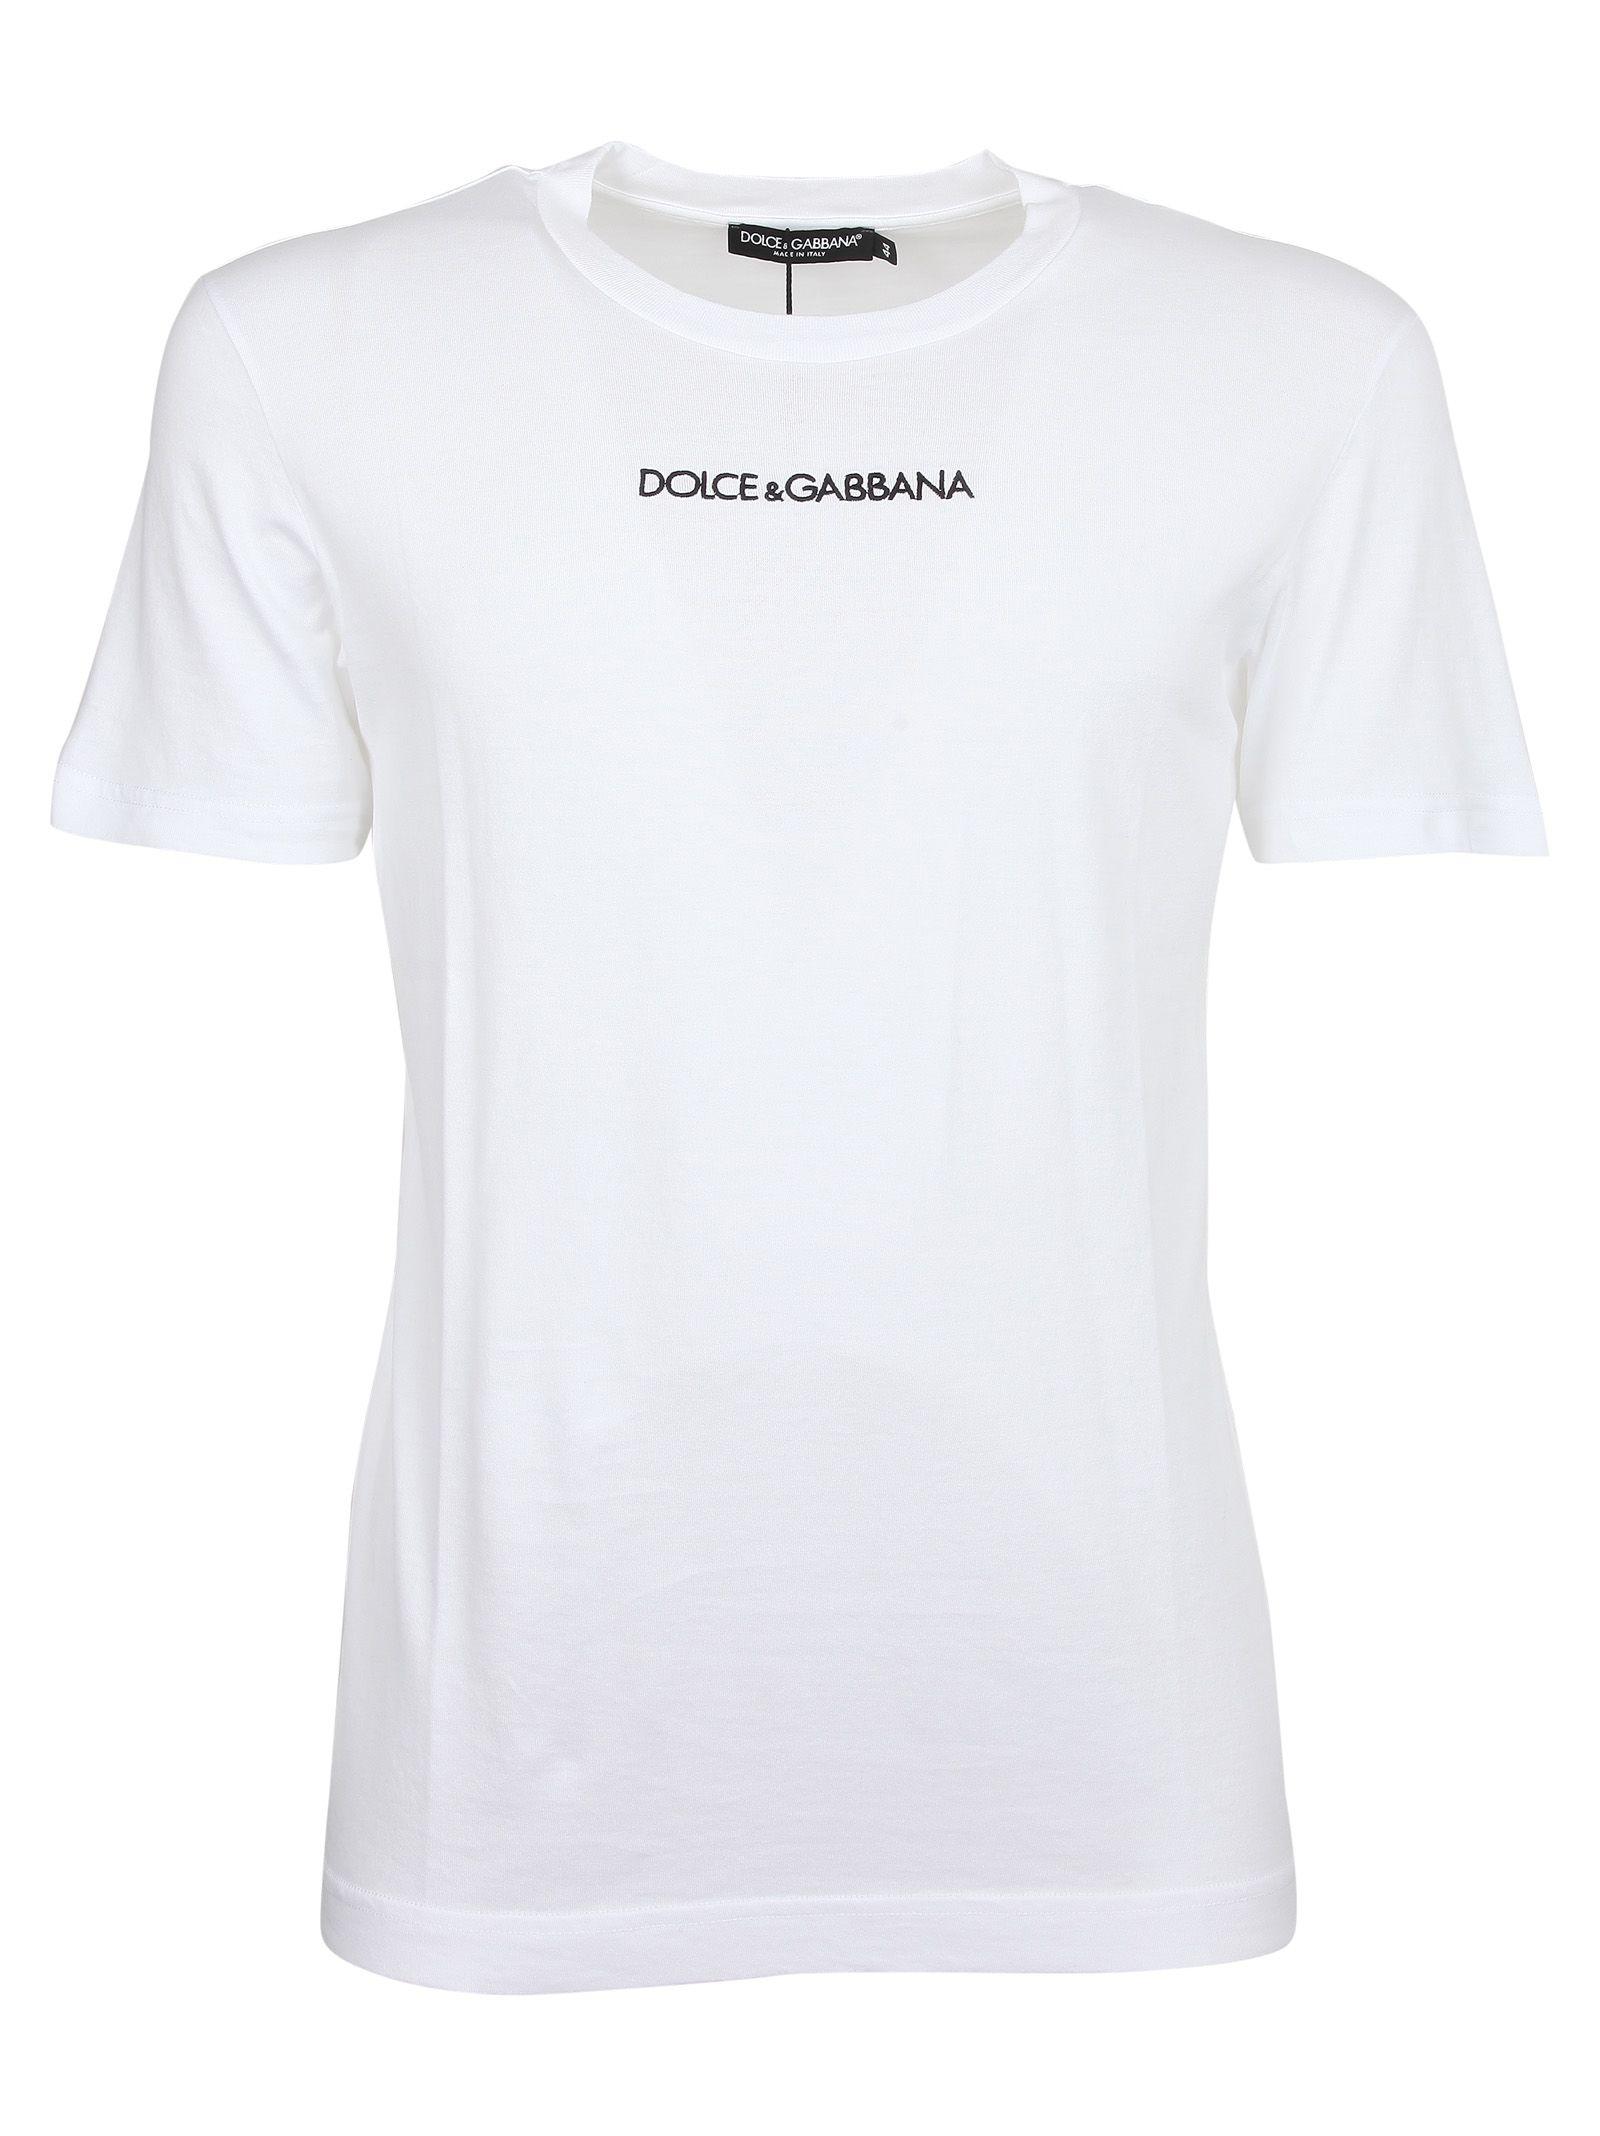 14ced86c Dolce & Gabbana Dolce & Gabbana Logo Print T-shirt - Bianco Ottico ...